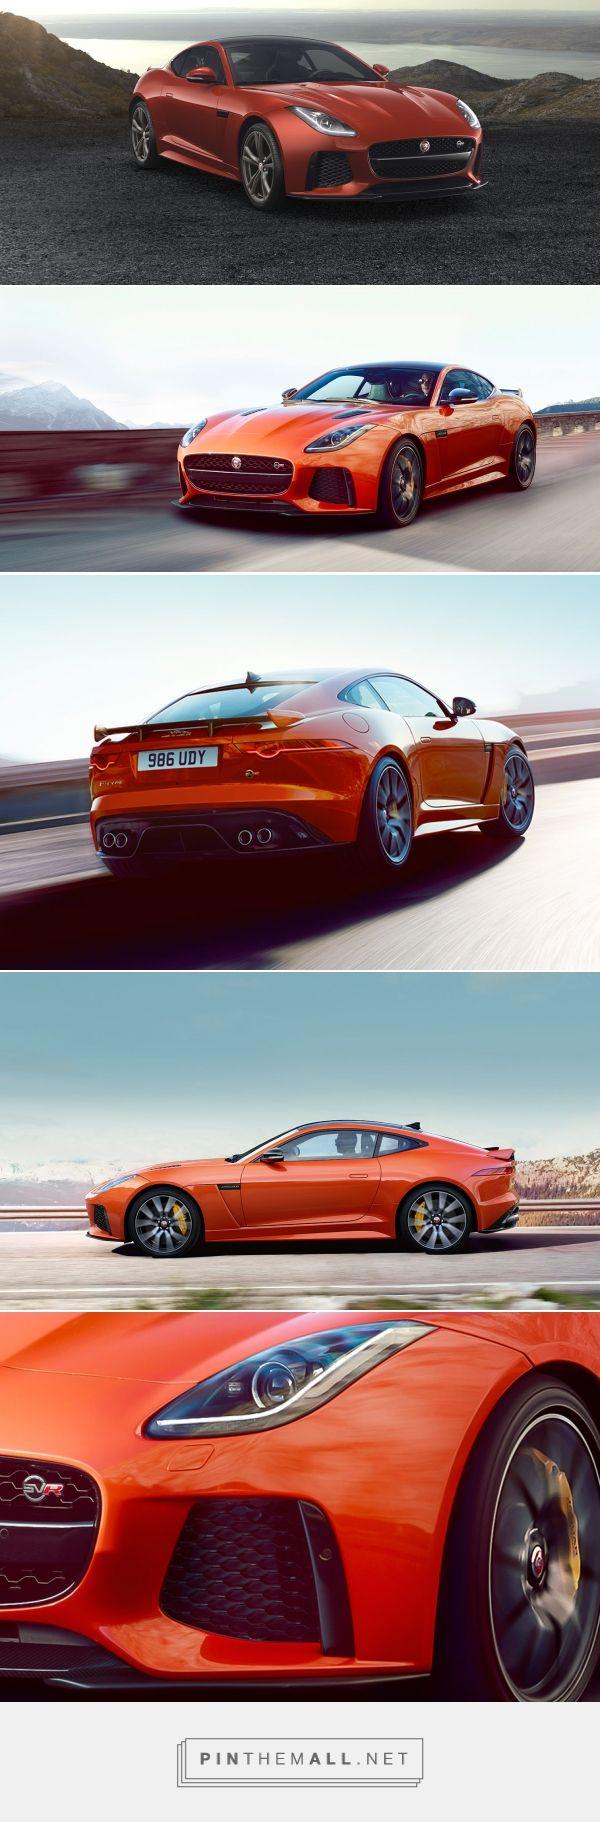 Jaguar f type svr coup cars2016 jaguar